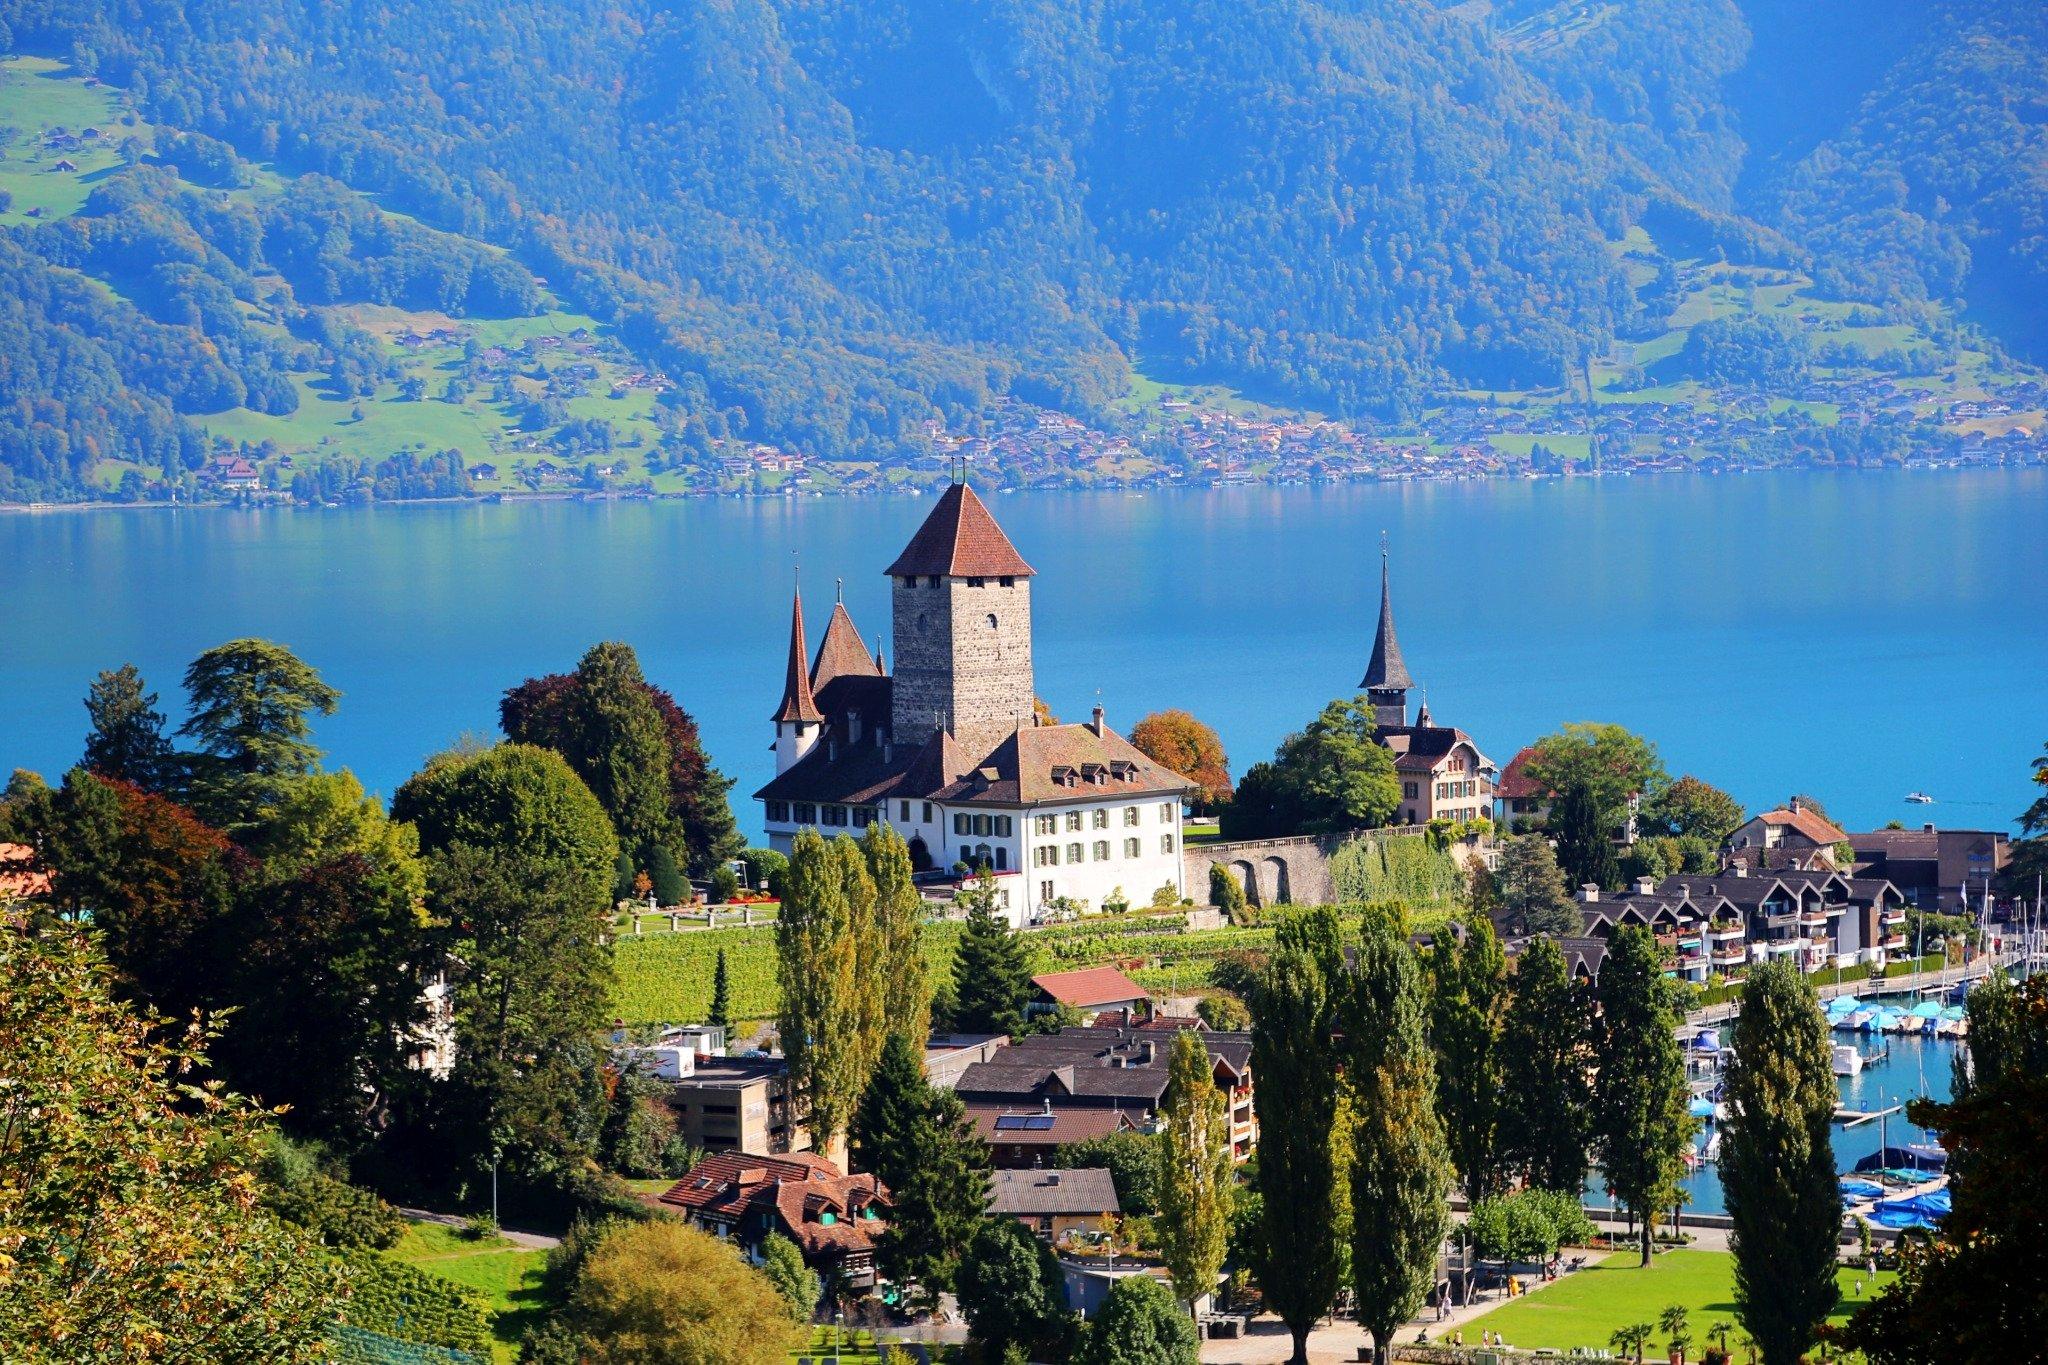 那是一个与世隔绝的地方---瑞士1